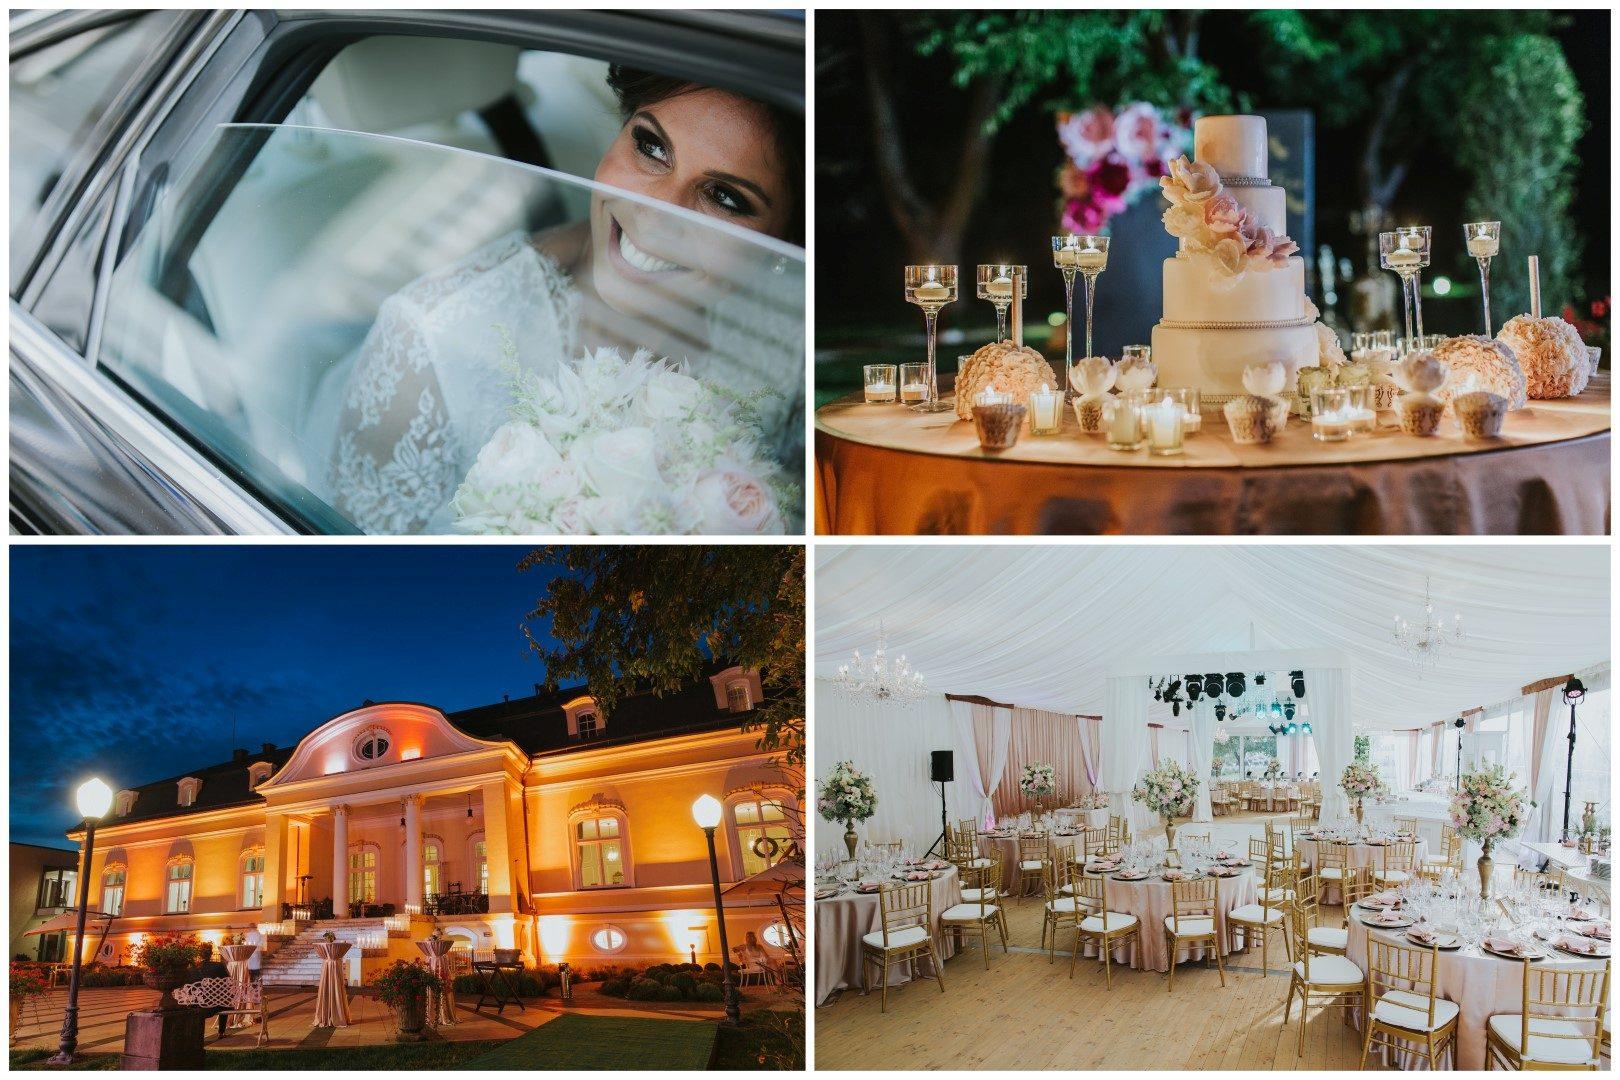 ,Déri Annamária, Landesz Katalin,esküvőszervező,esküvőszervezés,budapesti esküvőszervező,legjobb esküvőszervező,legjobb magyar esküvőszervező,esküvőszervező árak,esküvőszervező budapest,